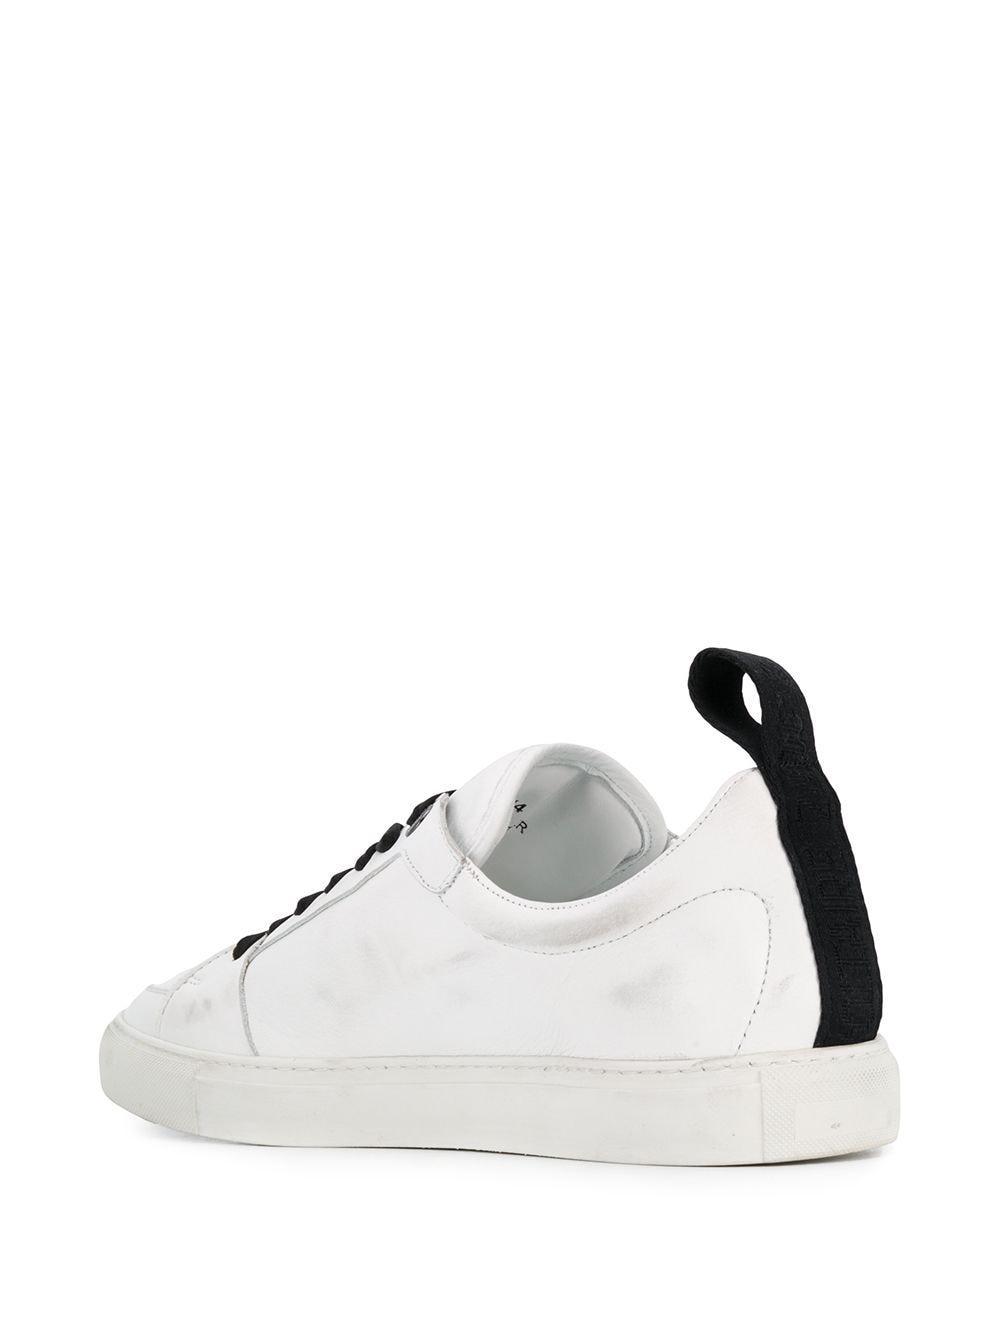 Zadig & Voltaire Leer Zv1747 Sneakers Met Contrasterende Veters in het Wit voor heren